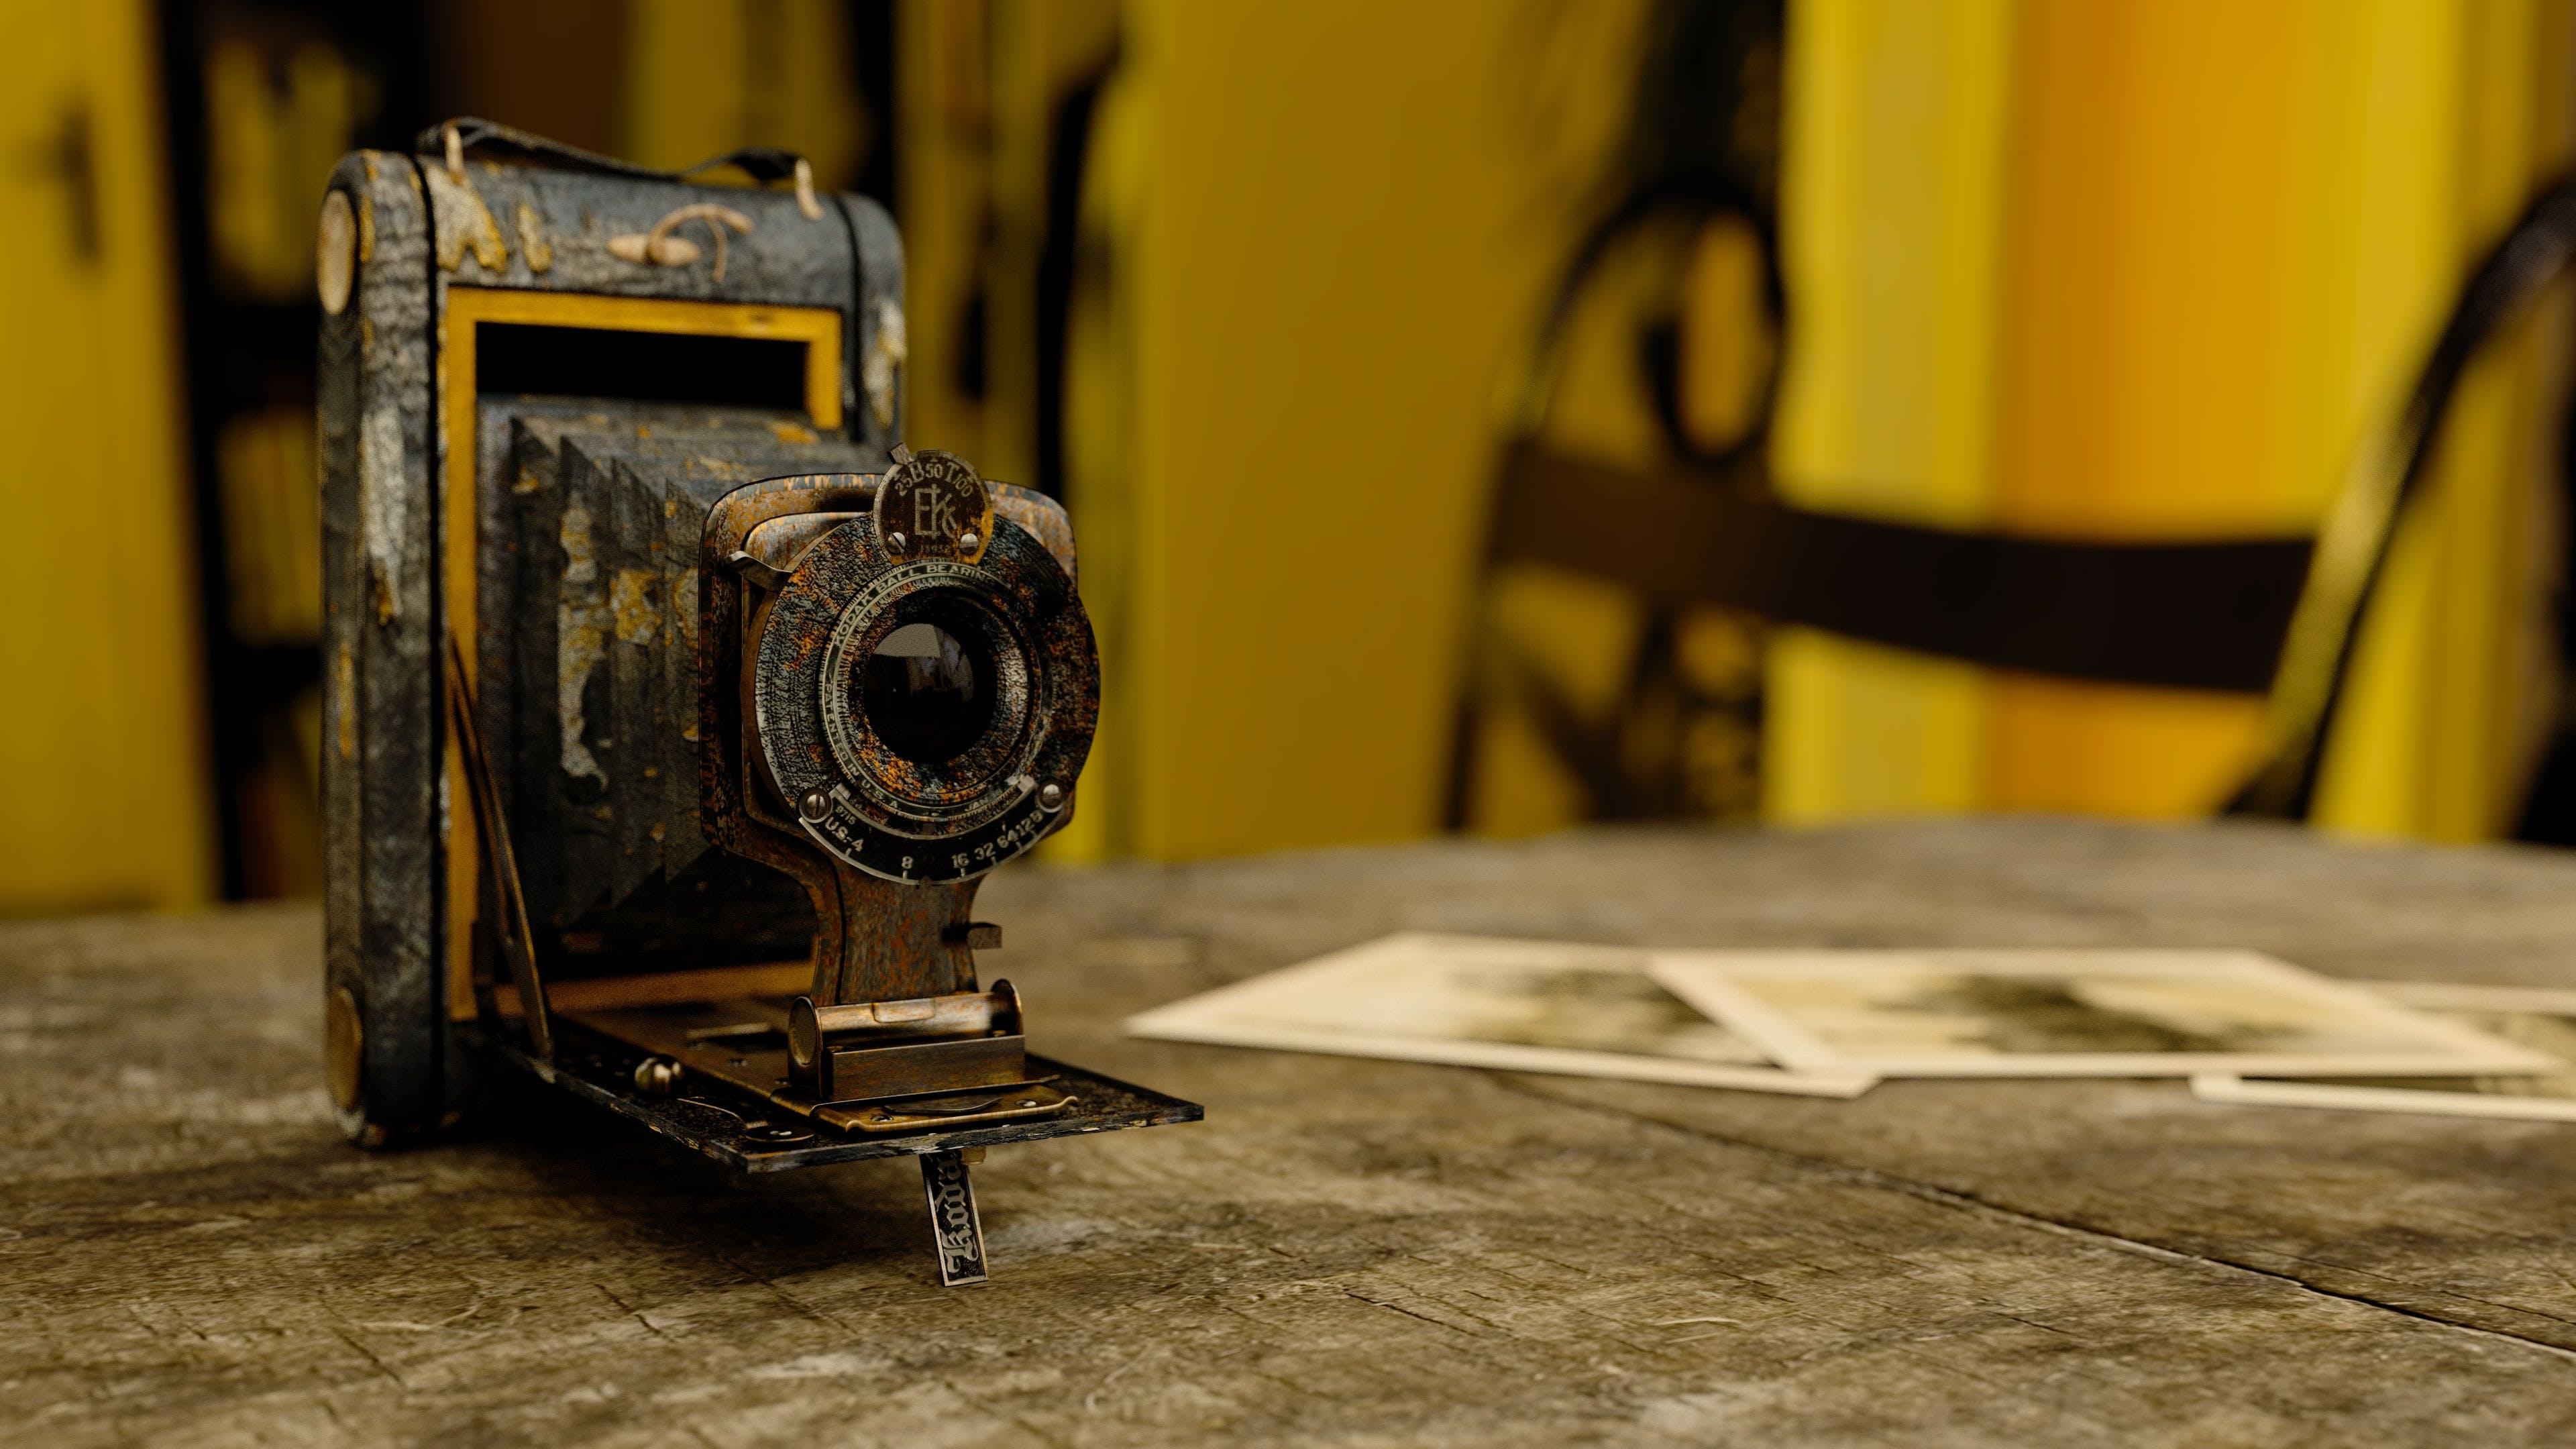 放大, 相機, 老相機, 鏡片 的 免费素材照片